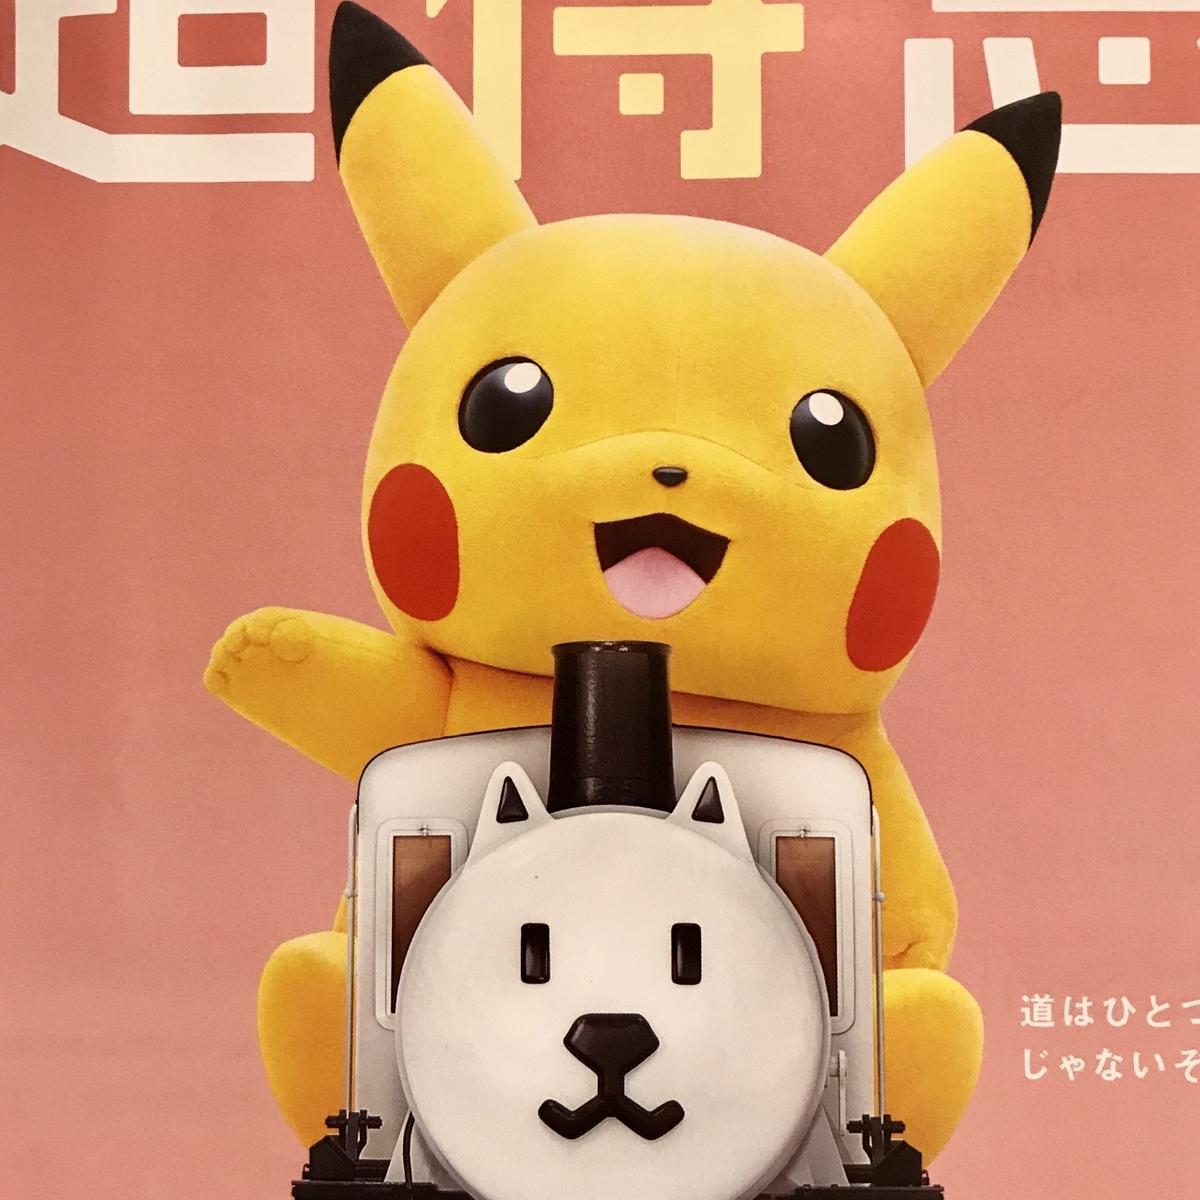 f:id:pikachu_pcn:20190403214918j:plain